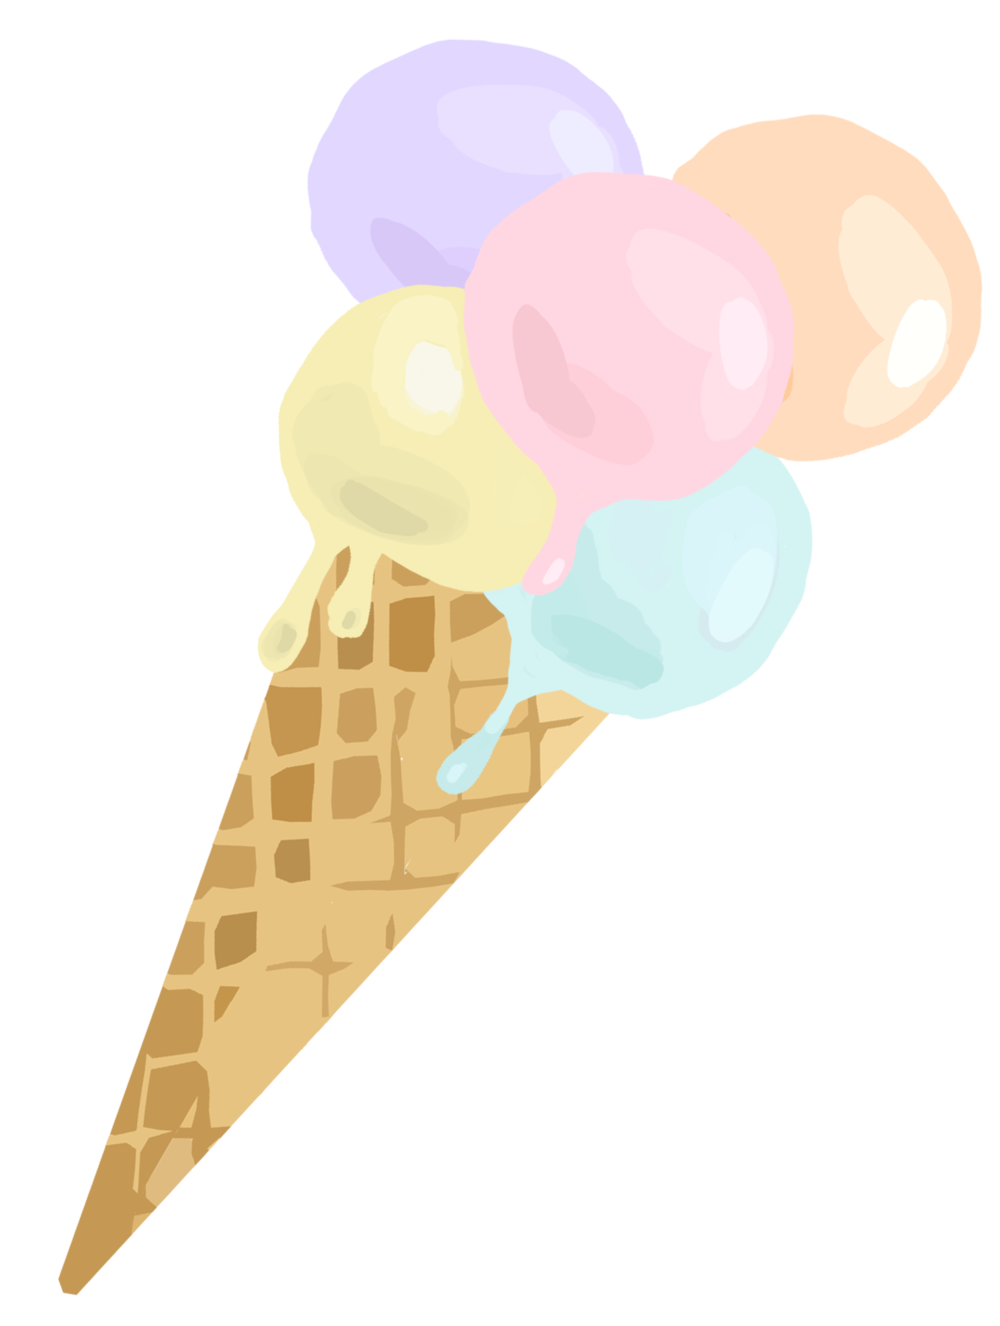 FORTINI'Sreview:Congratulations you get 5 gelato! Awesome! - Минусом может быть дальнее расстояние от центра города, но это мелочи. Парк получает от нас 5 вкусных шариков! Замечаний нет, один из лучших водных парков. С удовольствием вернемся.